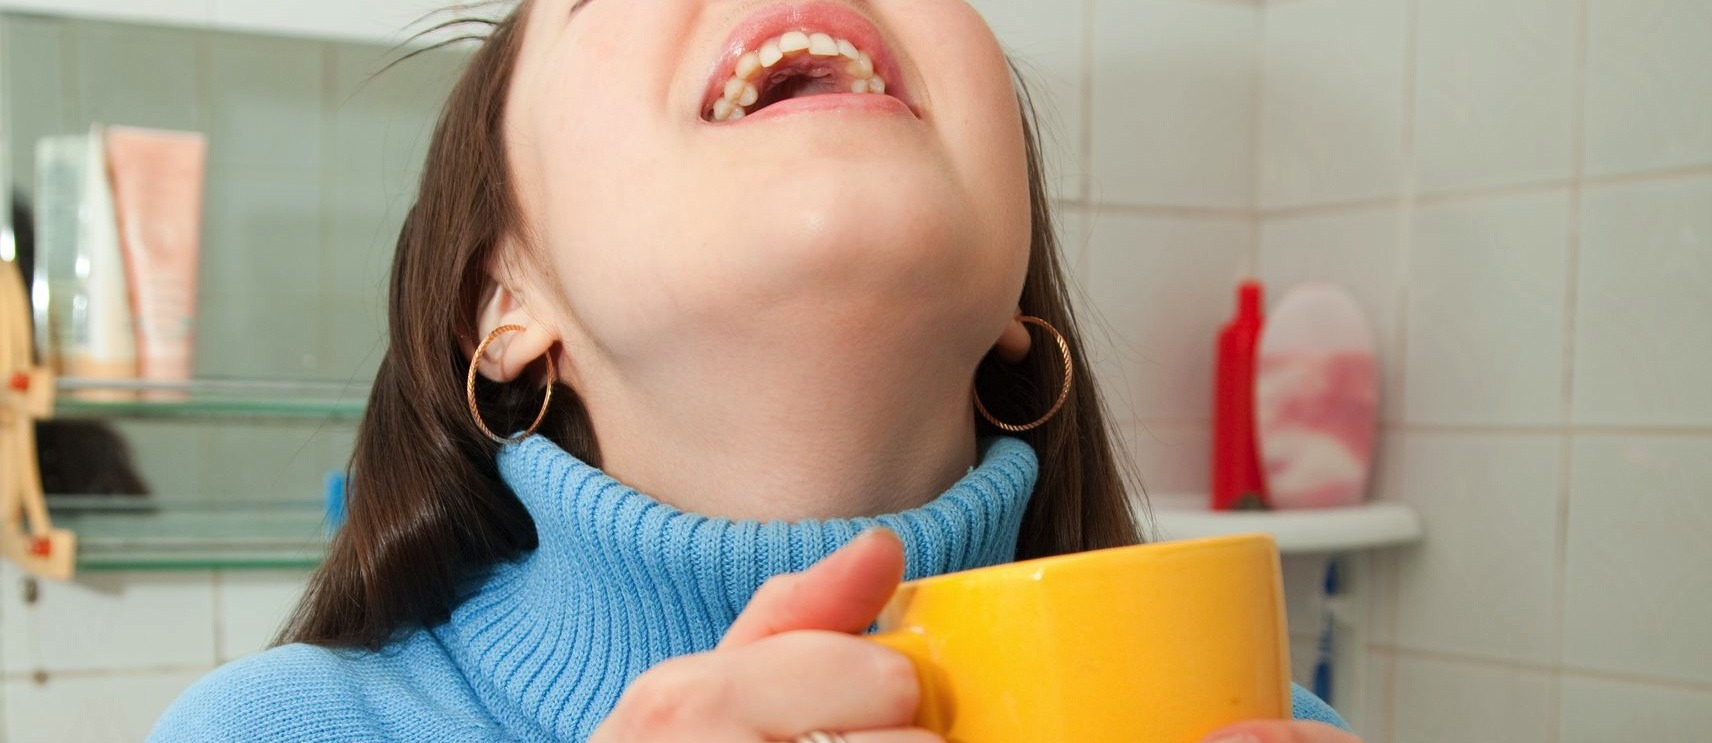 Помогает ли полоскание горла соленой водой?